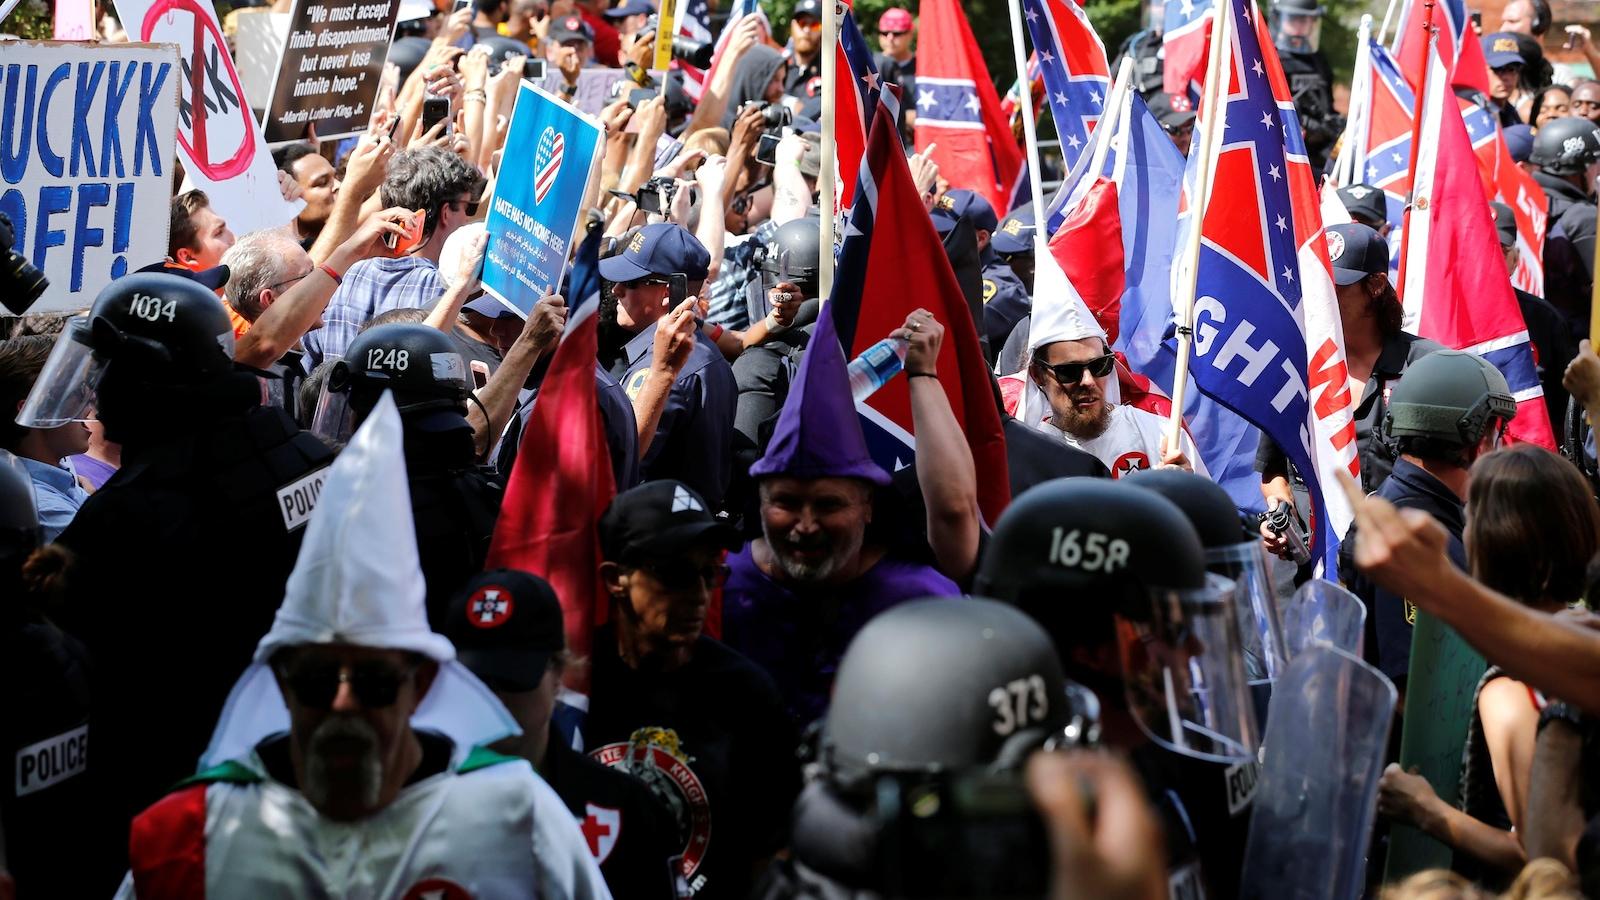 Un mort dans les violences au cours d'un rassemblement d'extrême droite — Charlottesville